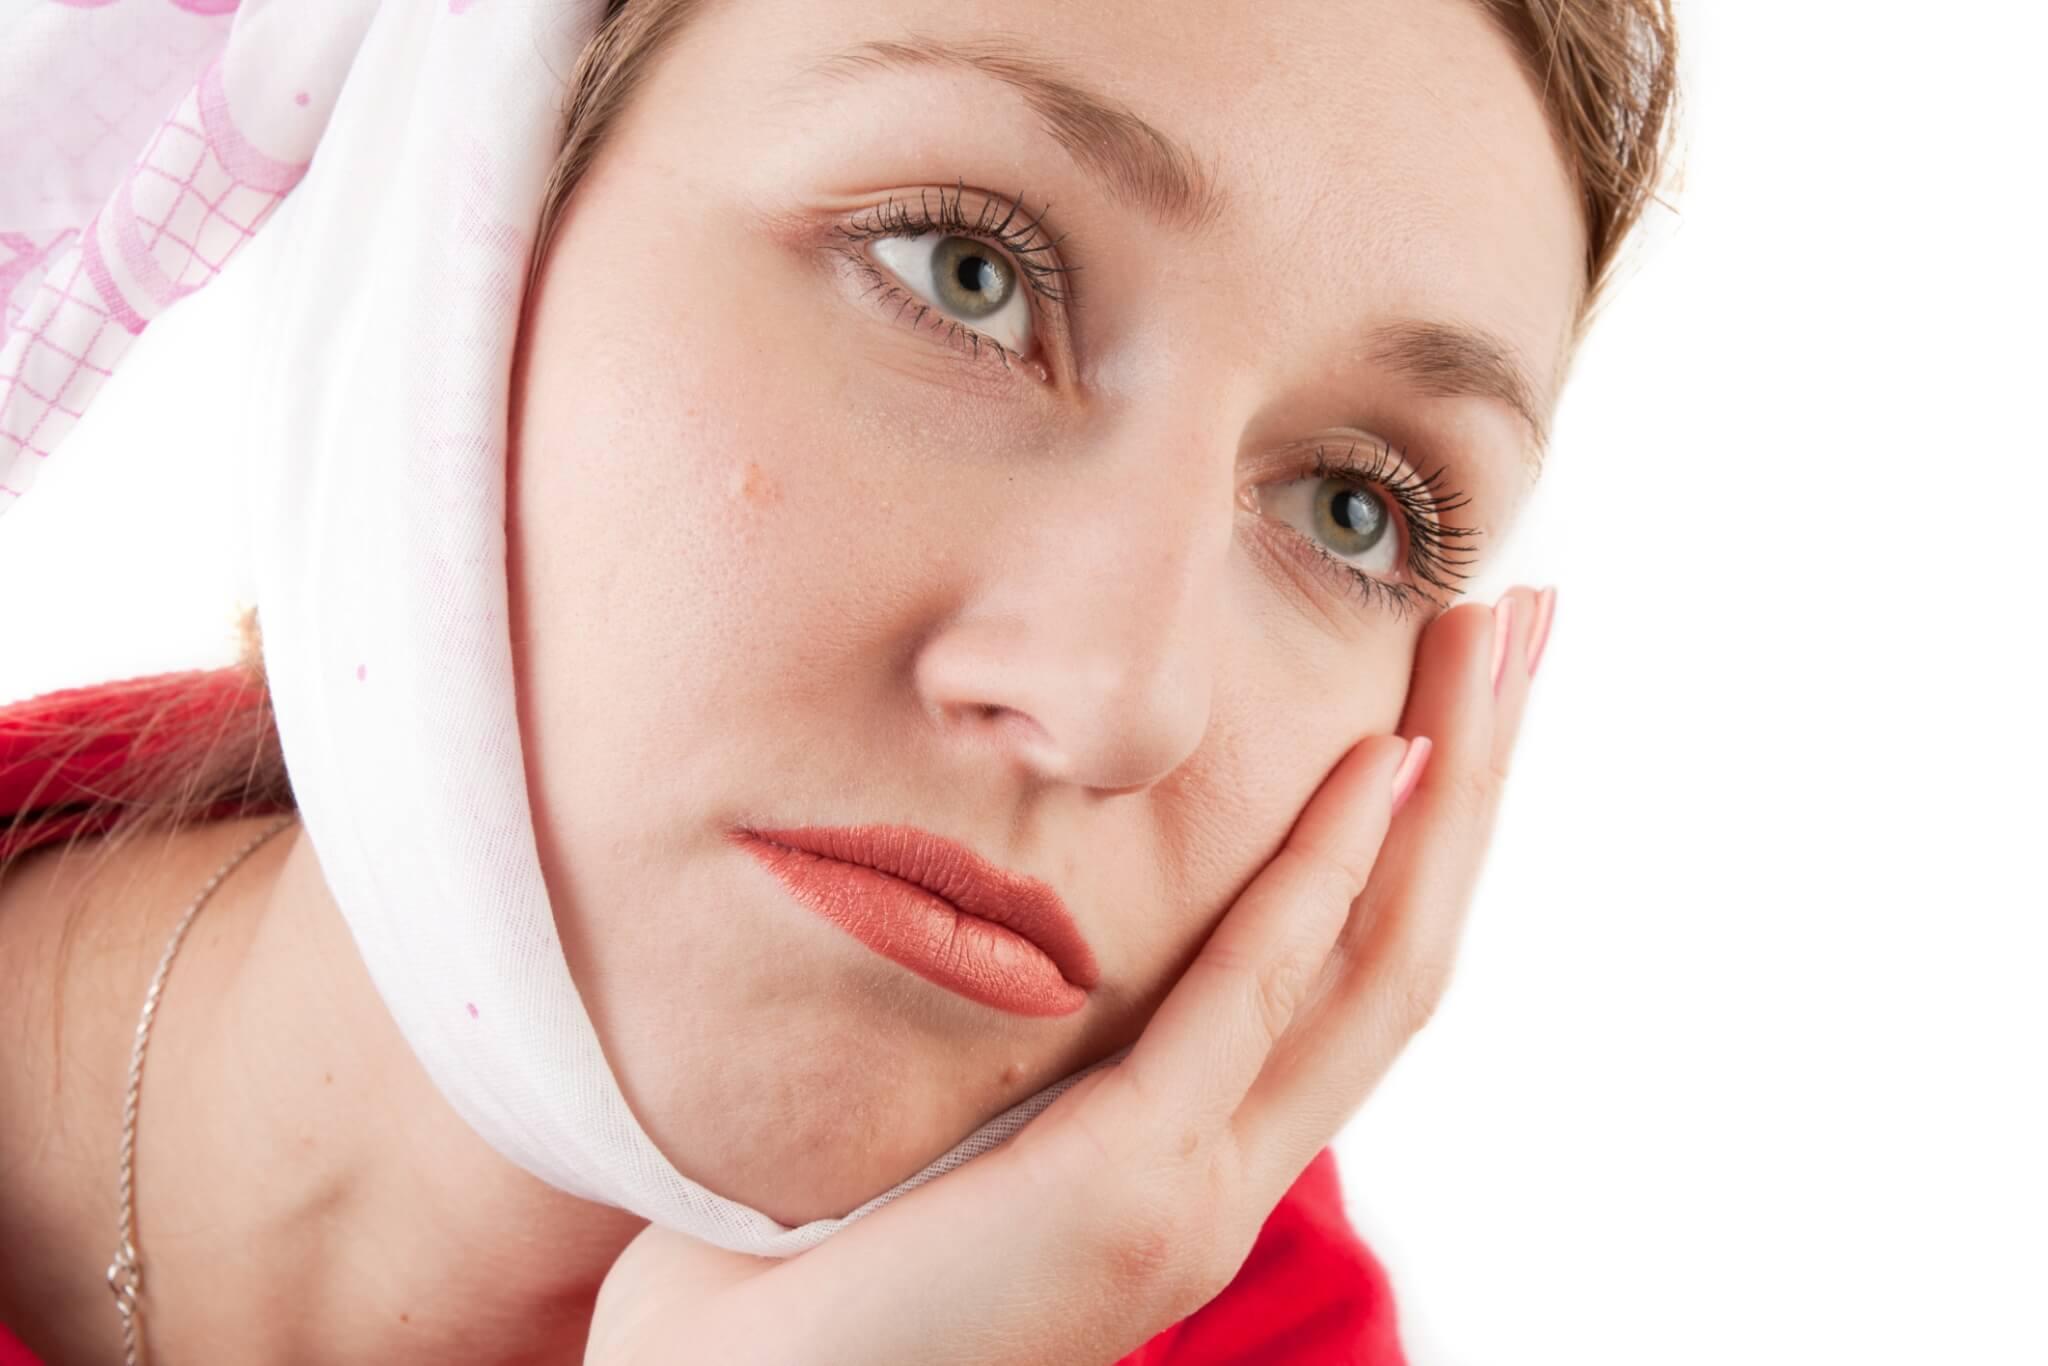 Опухоль на лице чем снять в домашних условиях